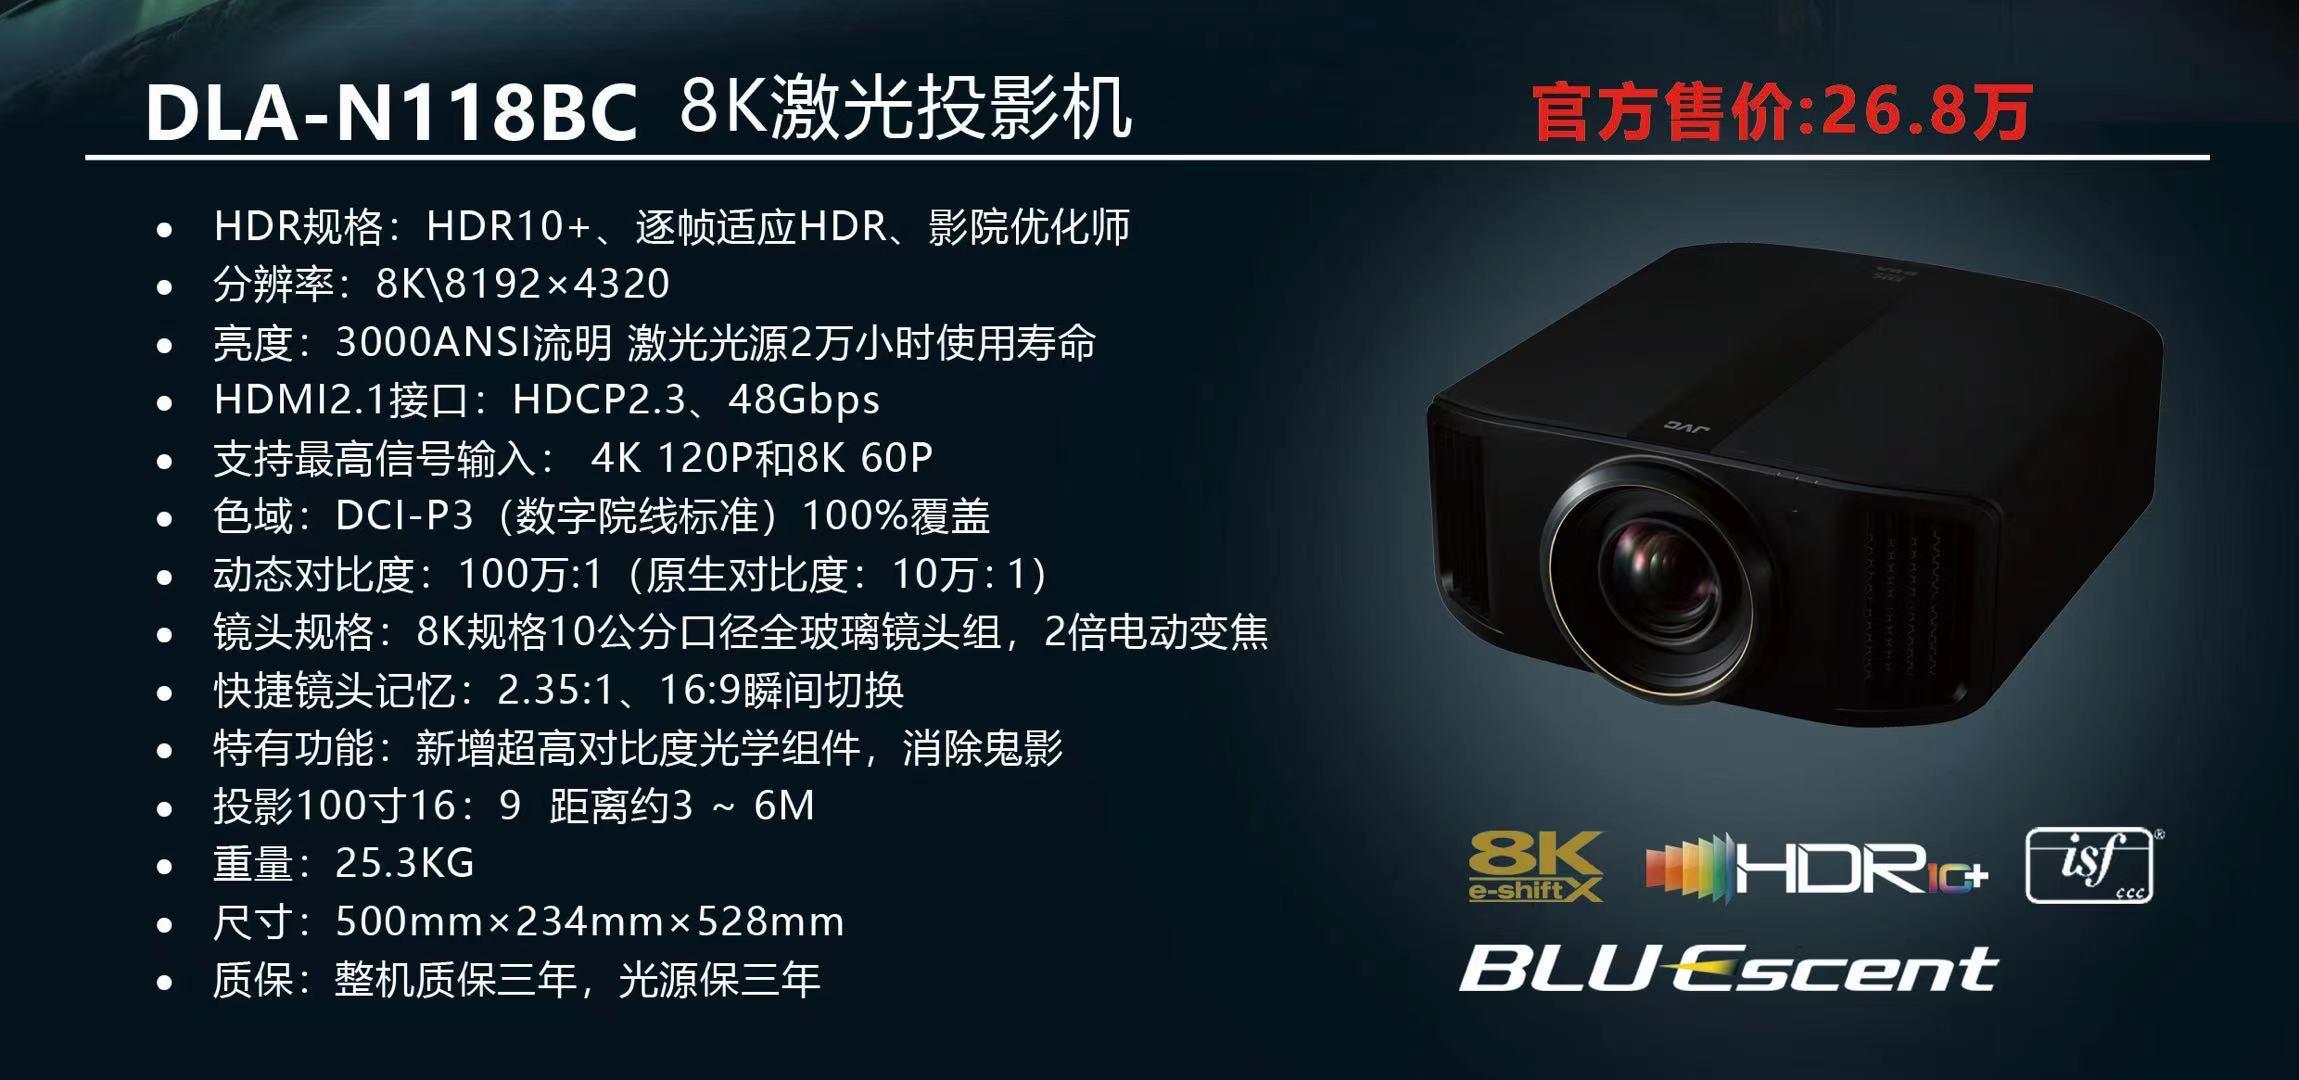 JVC8K混合激光投影DLA-N118、DLA-N98、DLA-N88、DLA-N80即将上市